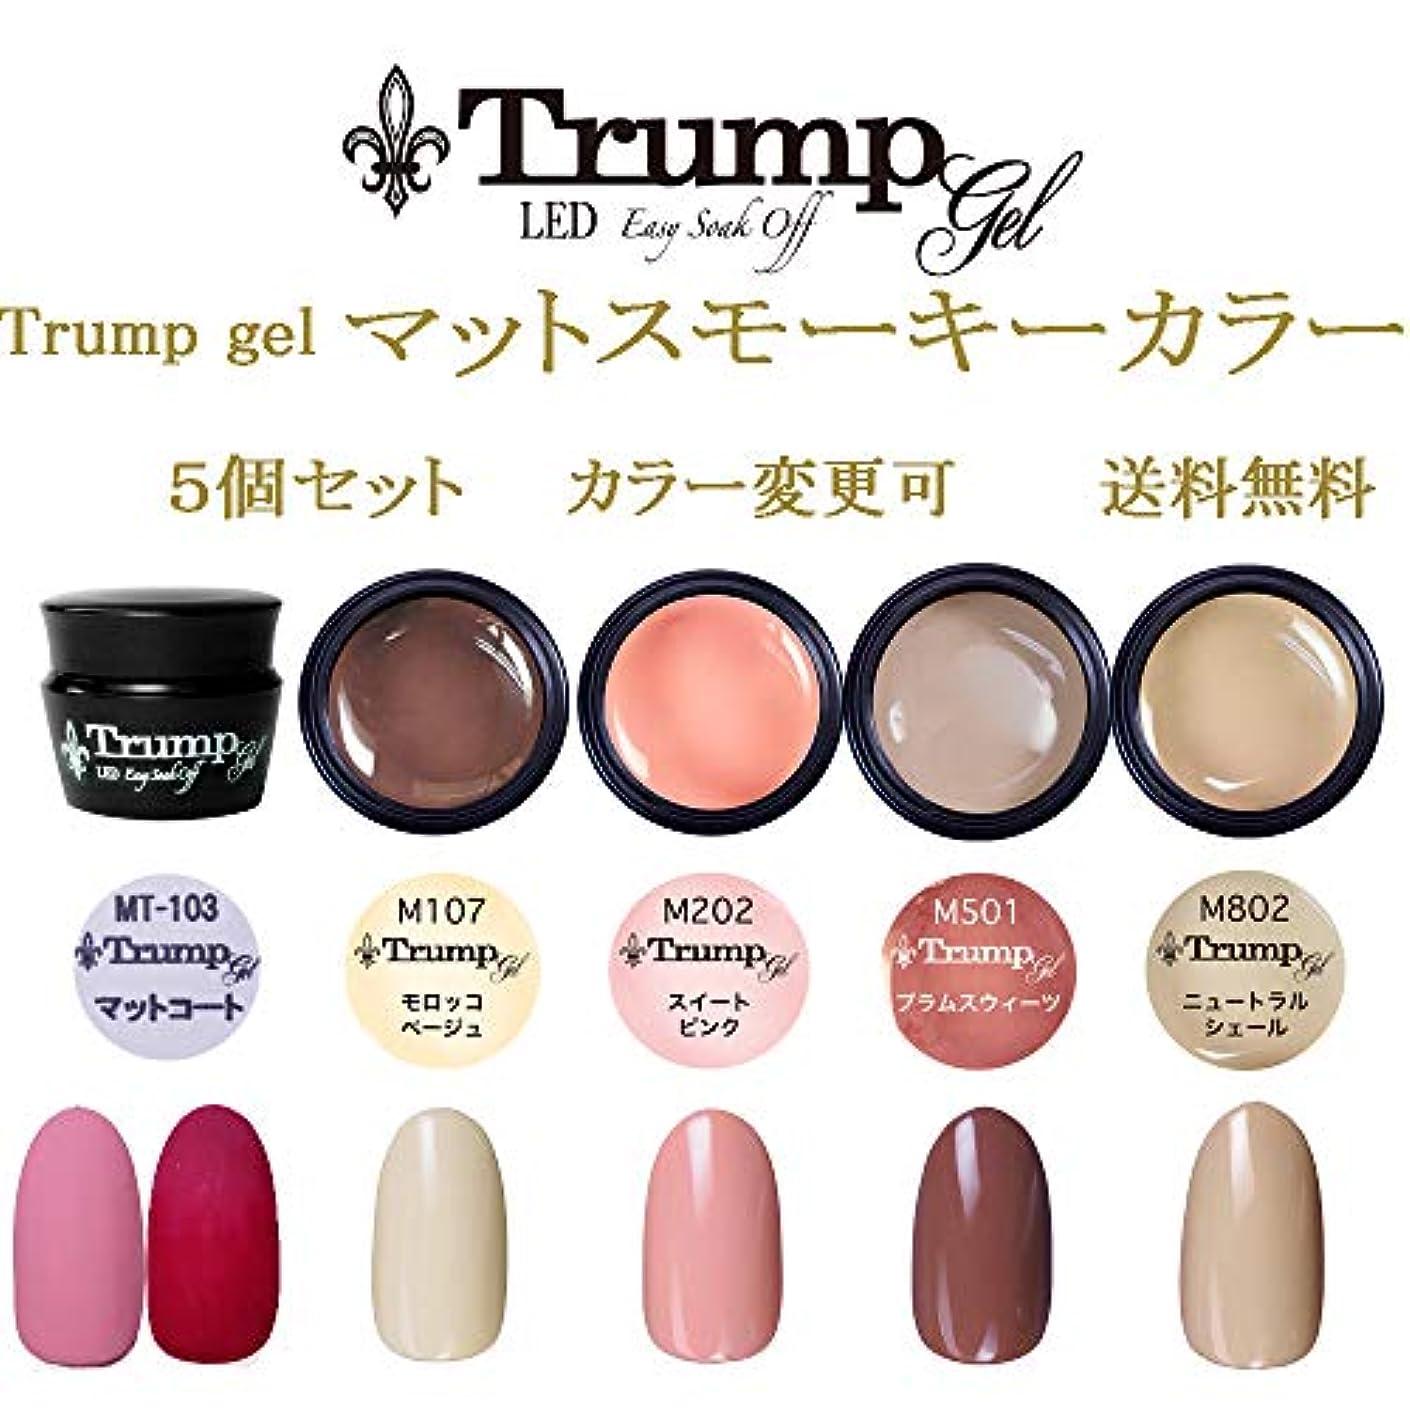 感情の閉じ込める長くする【送料無料】Trumpマットスモーキーカラー選べる カラージェル5個セット